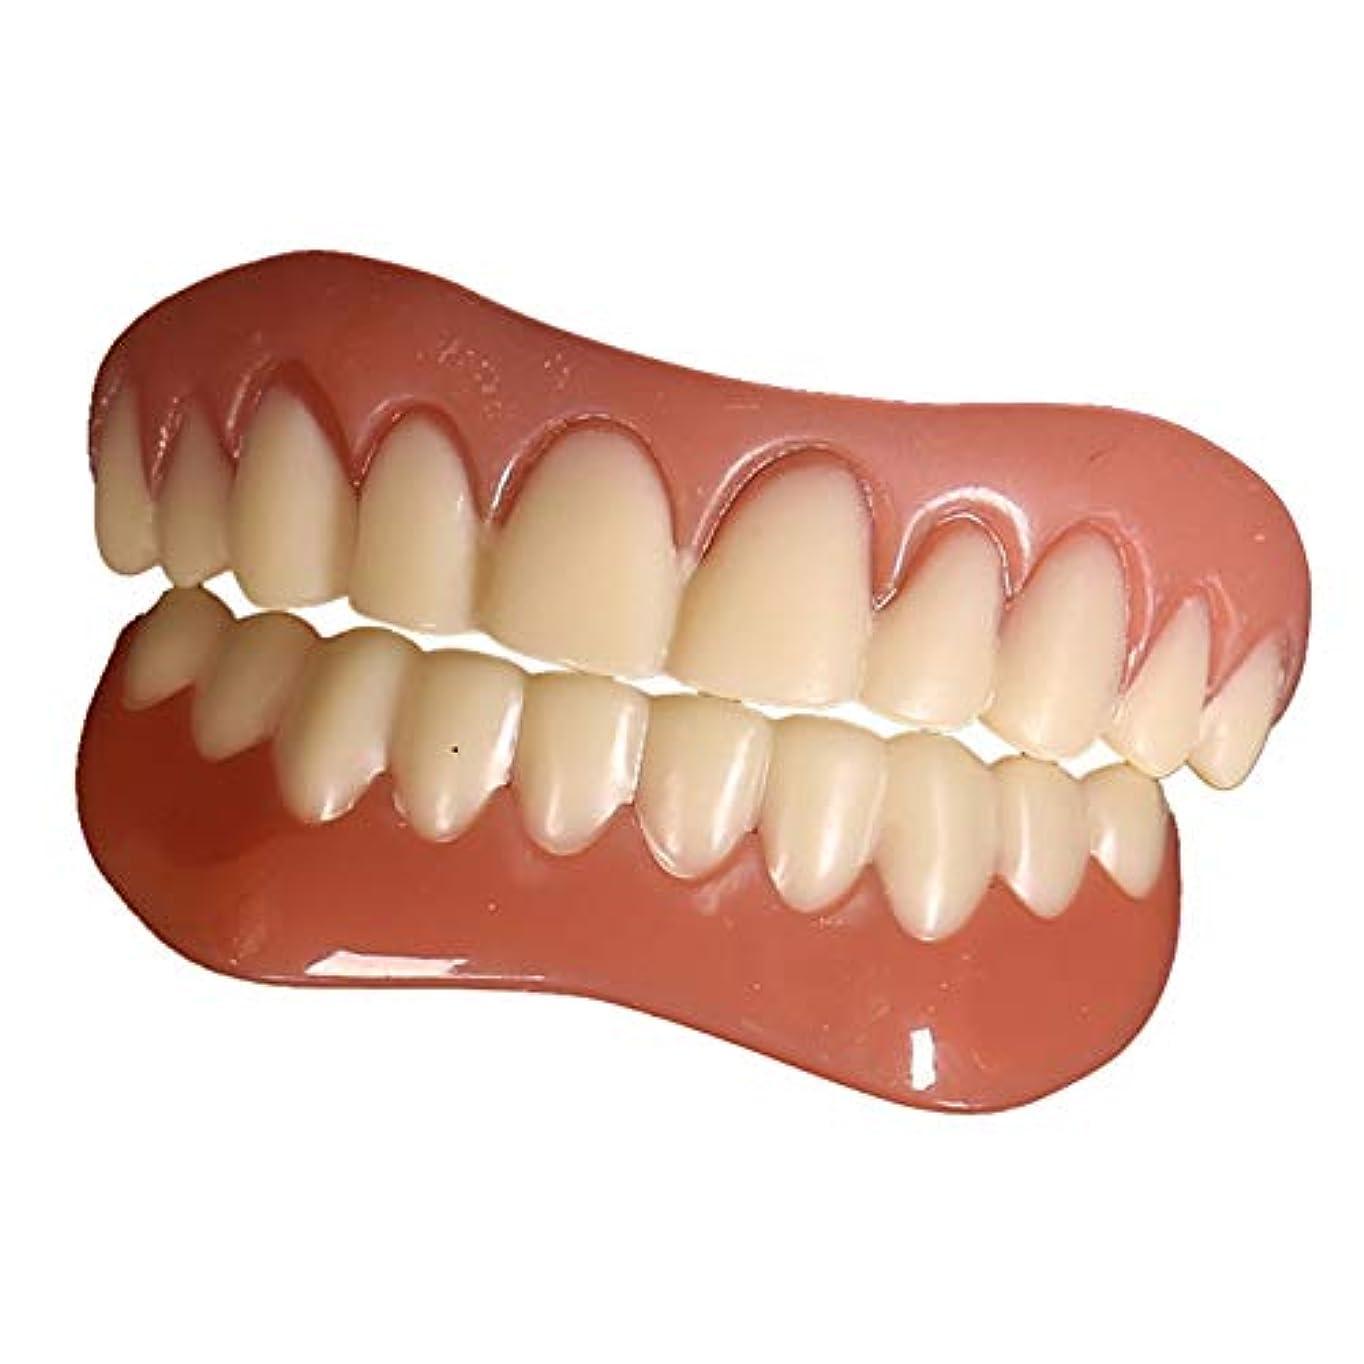 説教細胞シリコーン歯突き板ホワイトニングパーフェクトスマイルコンフォートフィットフレックス歯トップトゥース化粧品突き板ワンサイズフィットすべて - 2個